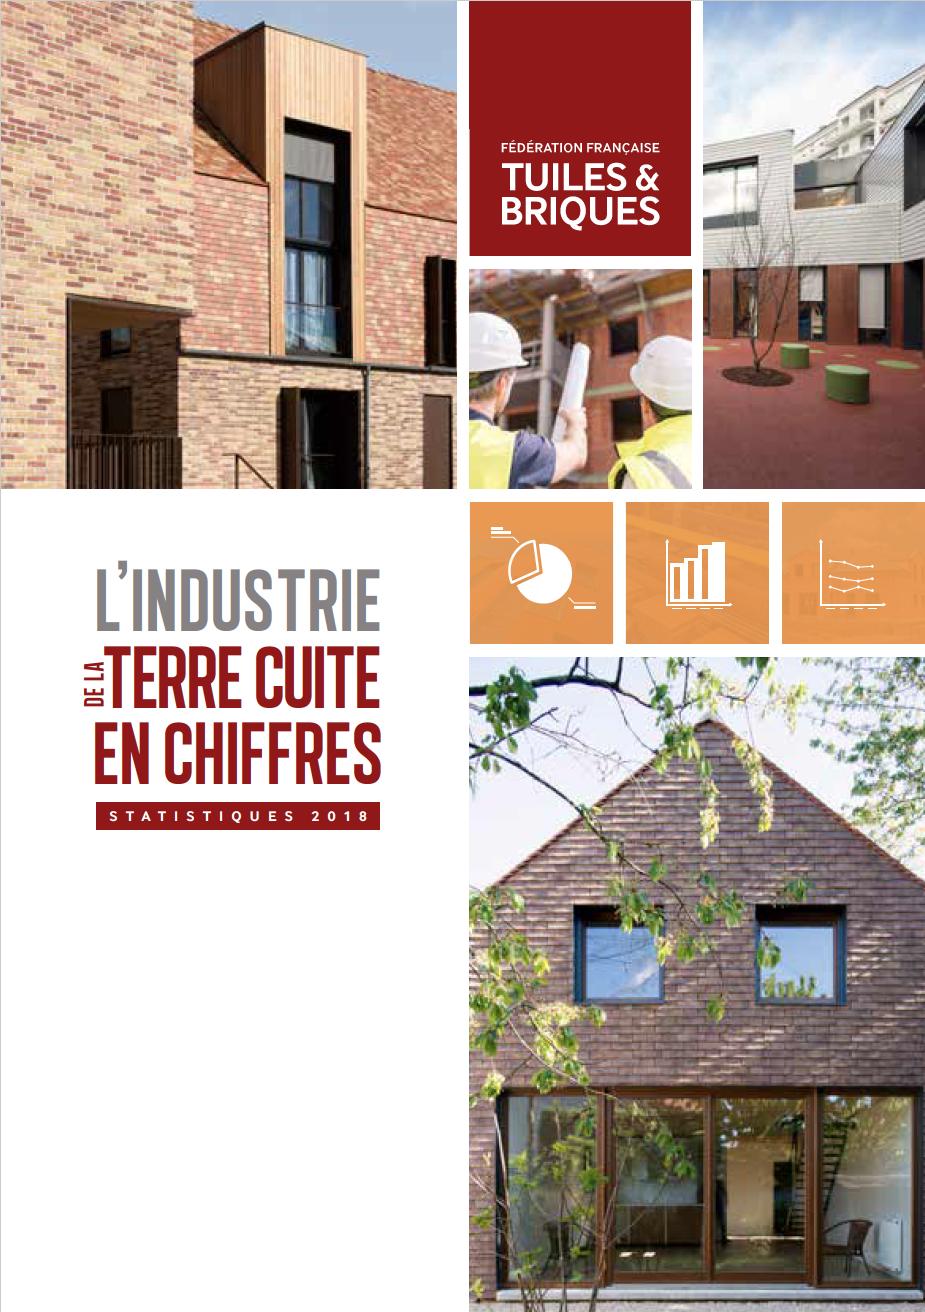 Rapport moral 2018 de la Fédération Française des Tuiles & Briques